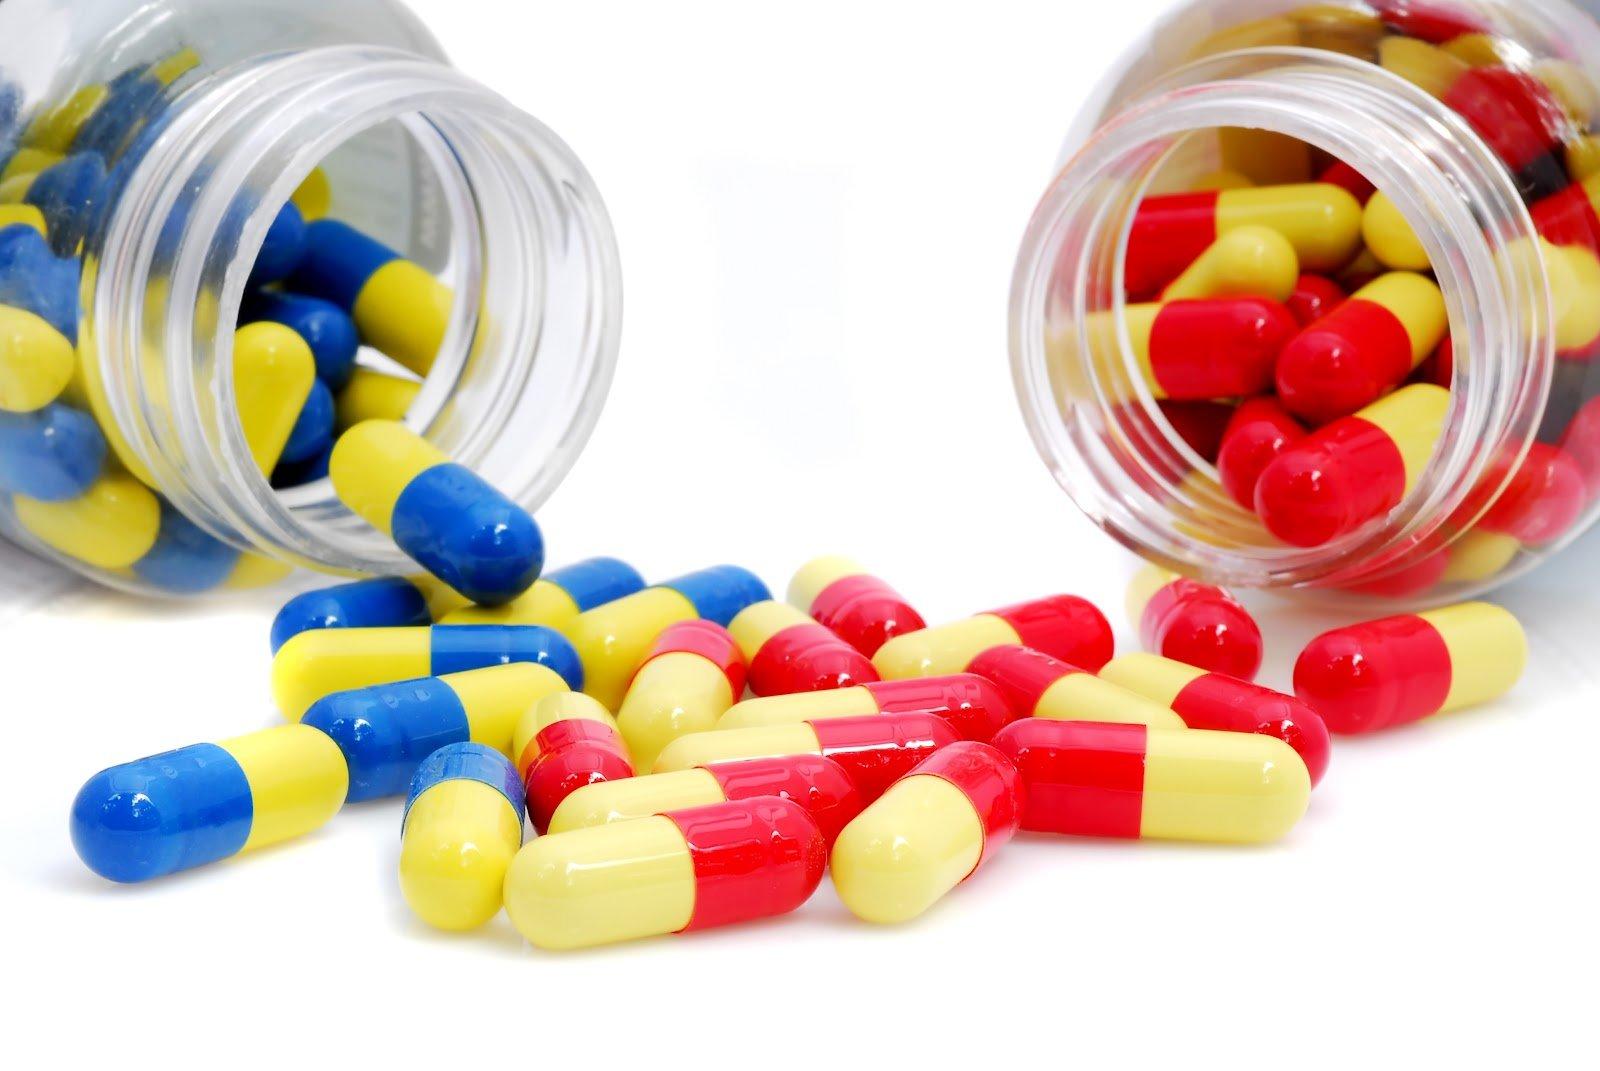 Medicamentos passam por reajuste e aplicativo de buscas ajuda a economizar até 900%